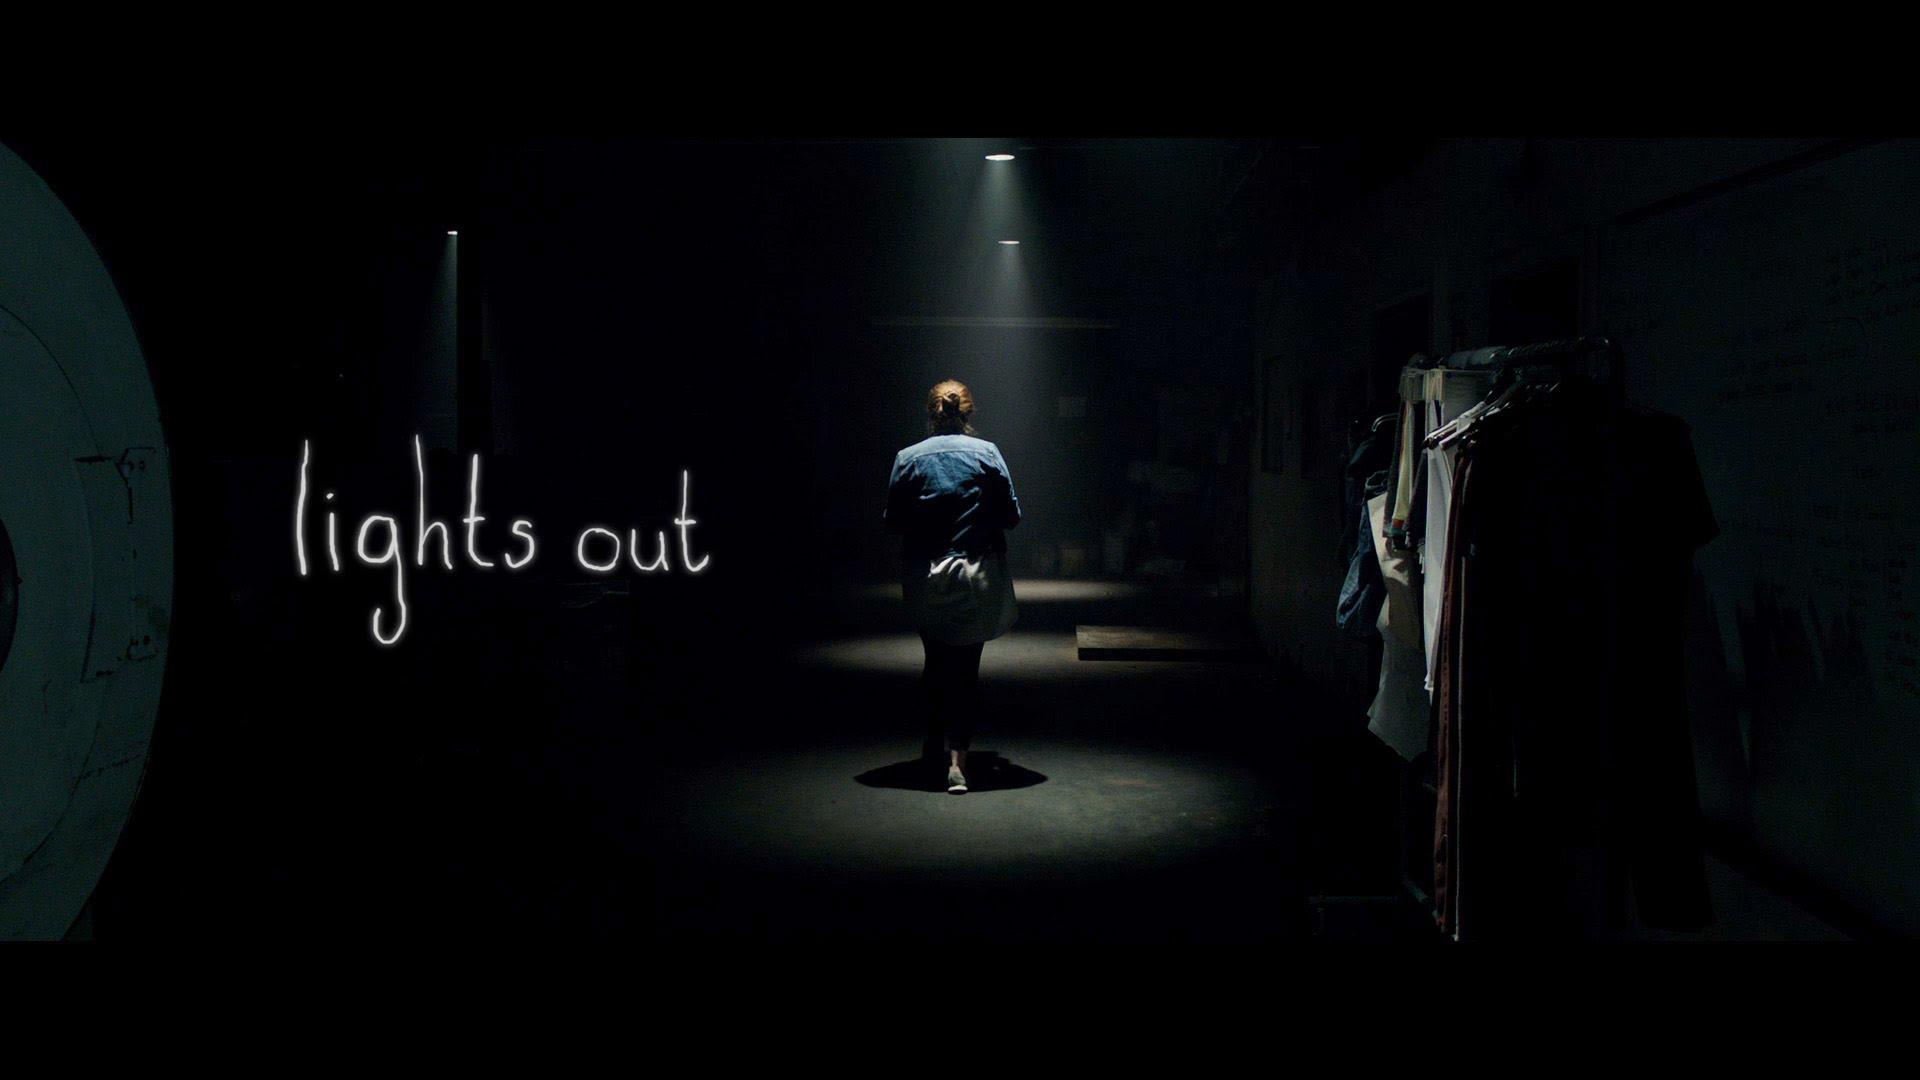 불을 켜고 자면 목숨이 위태롭다는 사실. 몰랐다면 이제부턴 불을 끄고 잘 것.